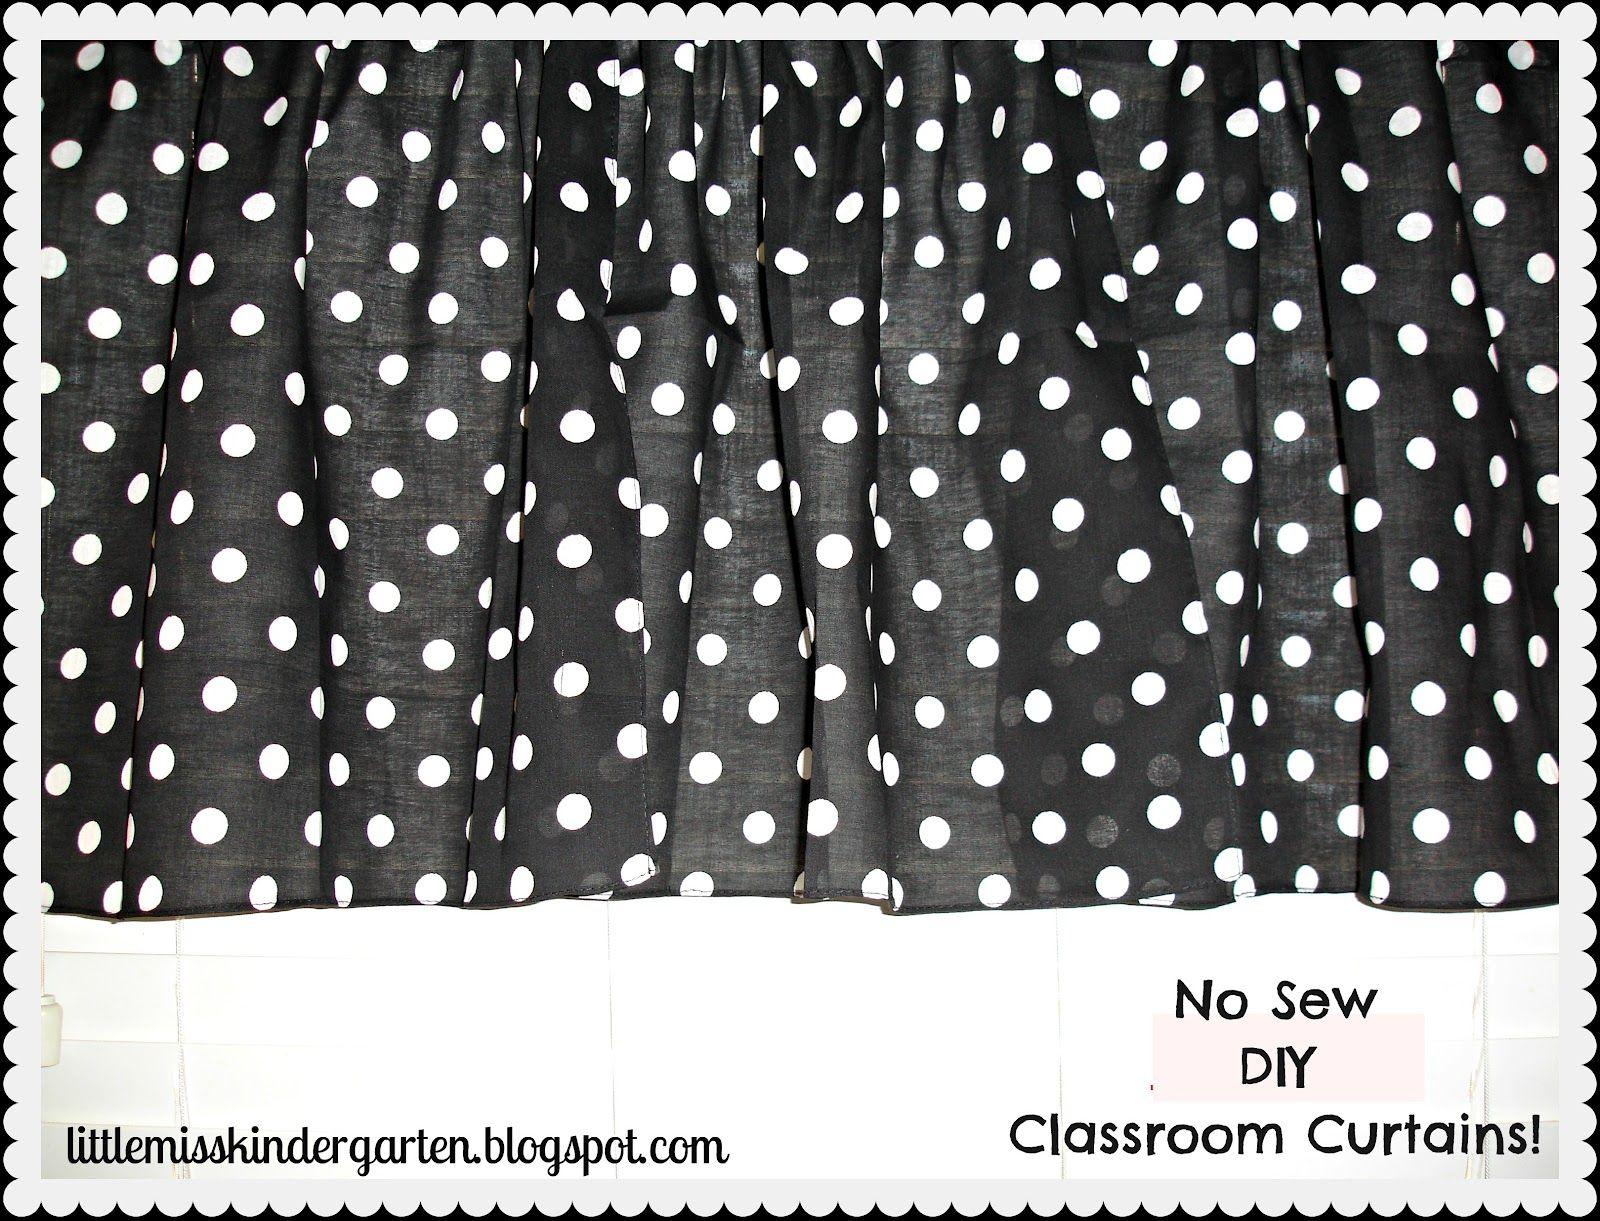 Classroom Curtain Ideas ~ The best classroom curtains ideas on pinterest